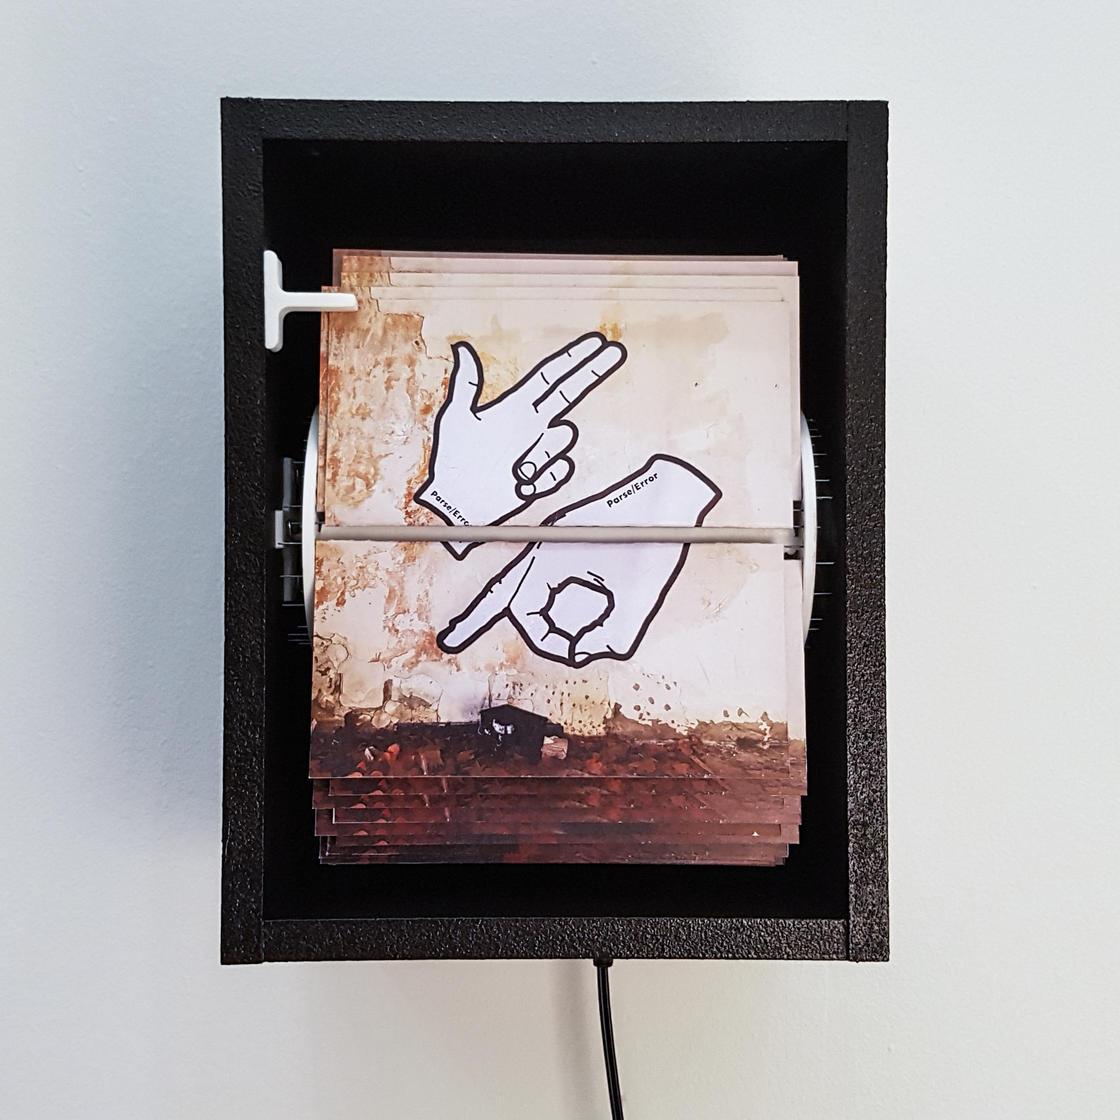 perpetual-vandal-box-parse-error-loqueva (2)